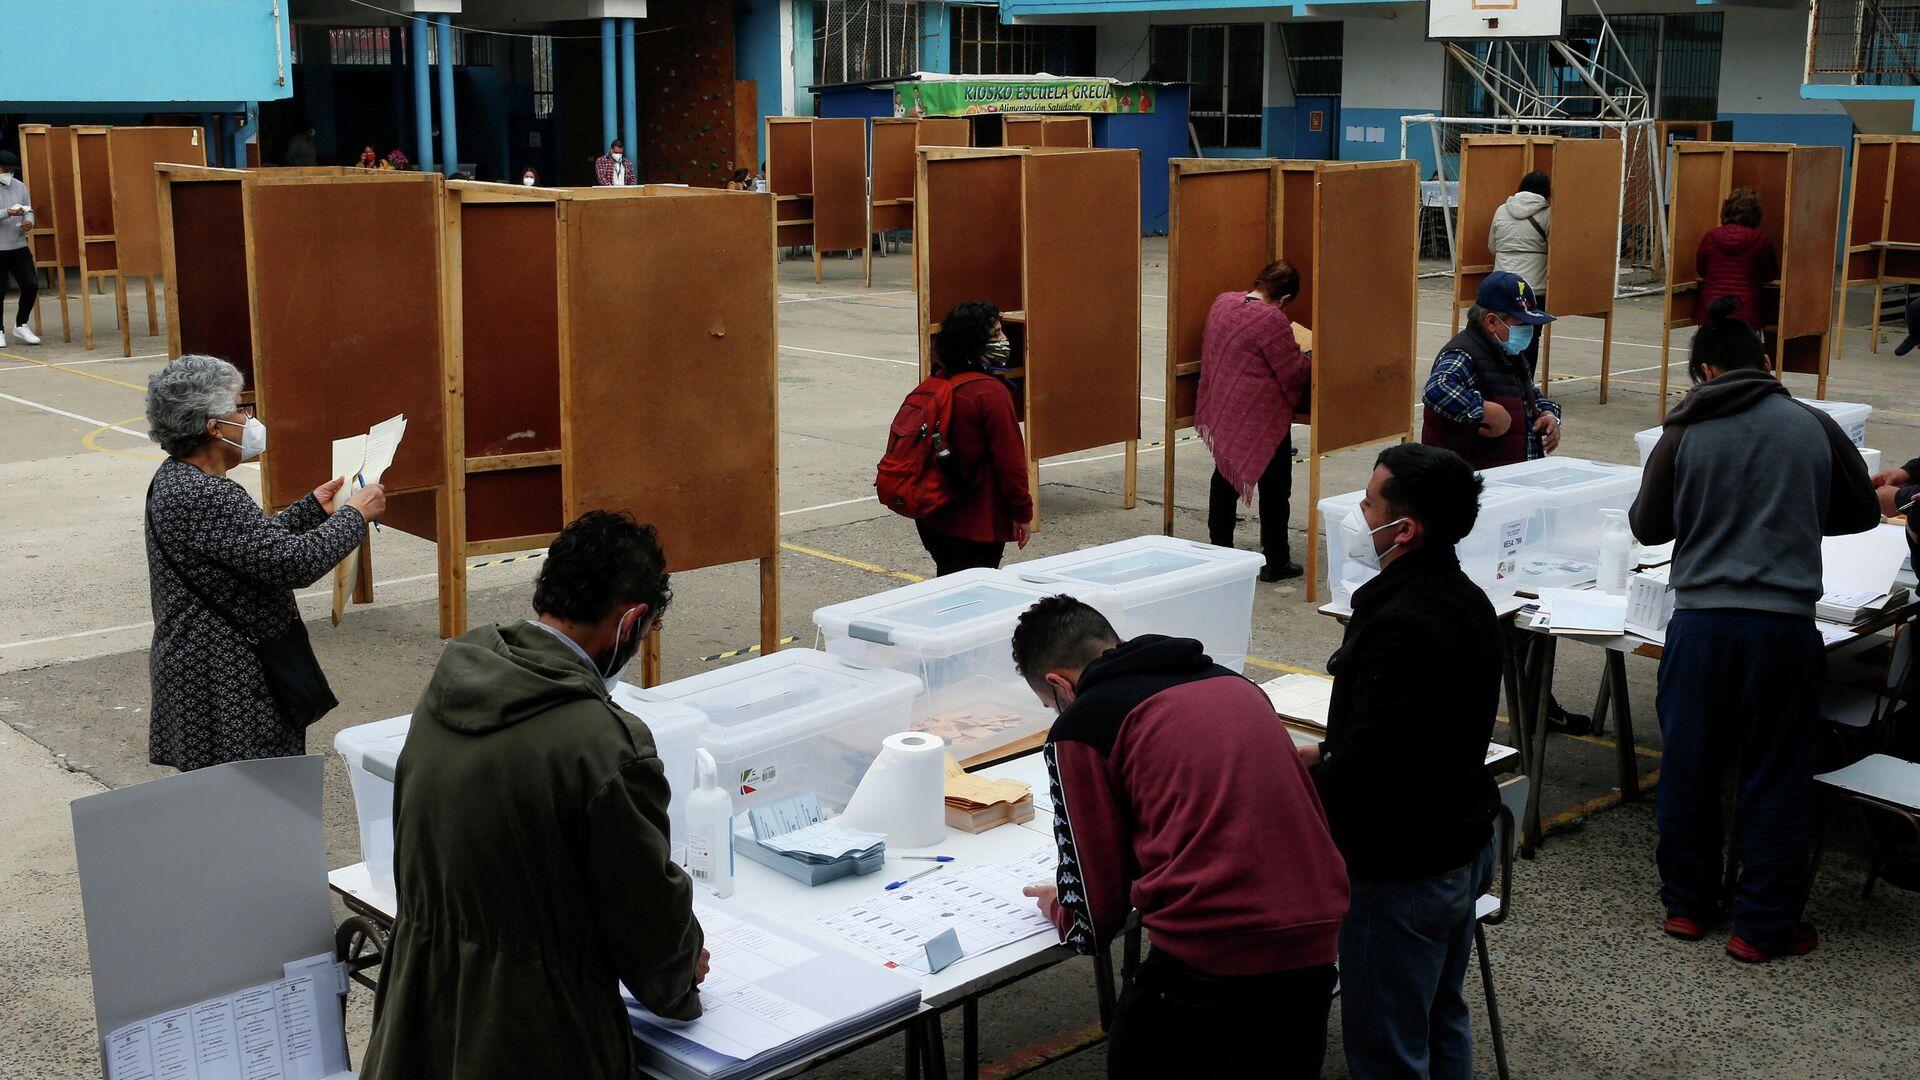 Elecciones en Valparaíso, Chile - Sputnik Mundo, 1920, 17.05.2021